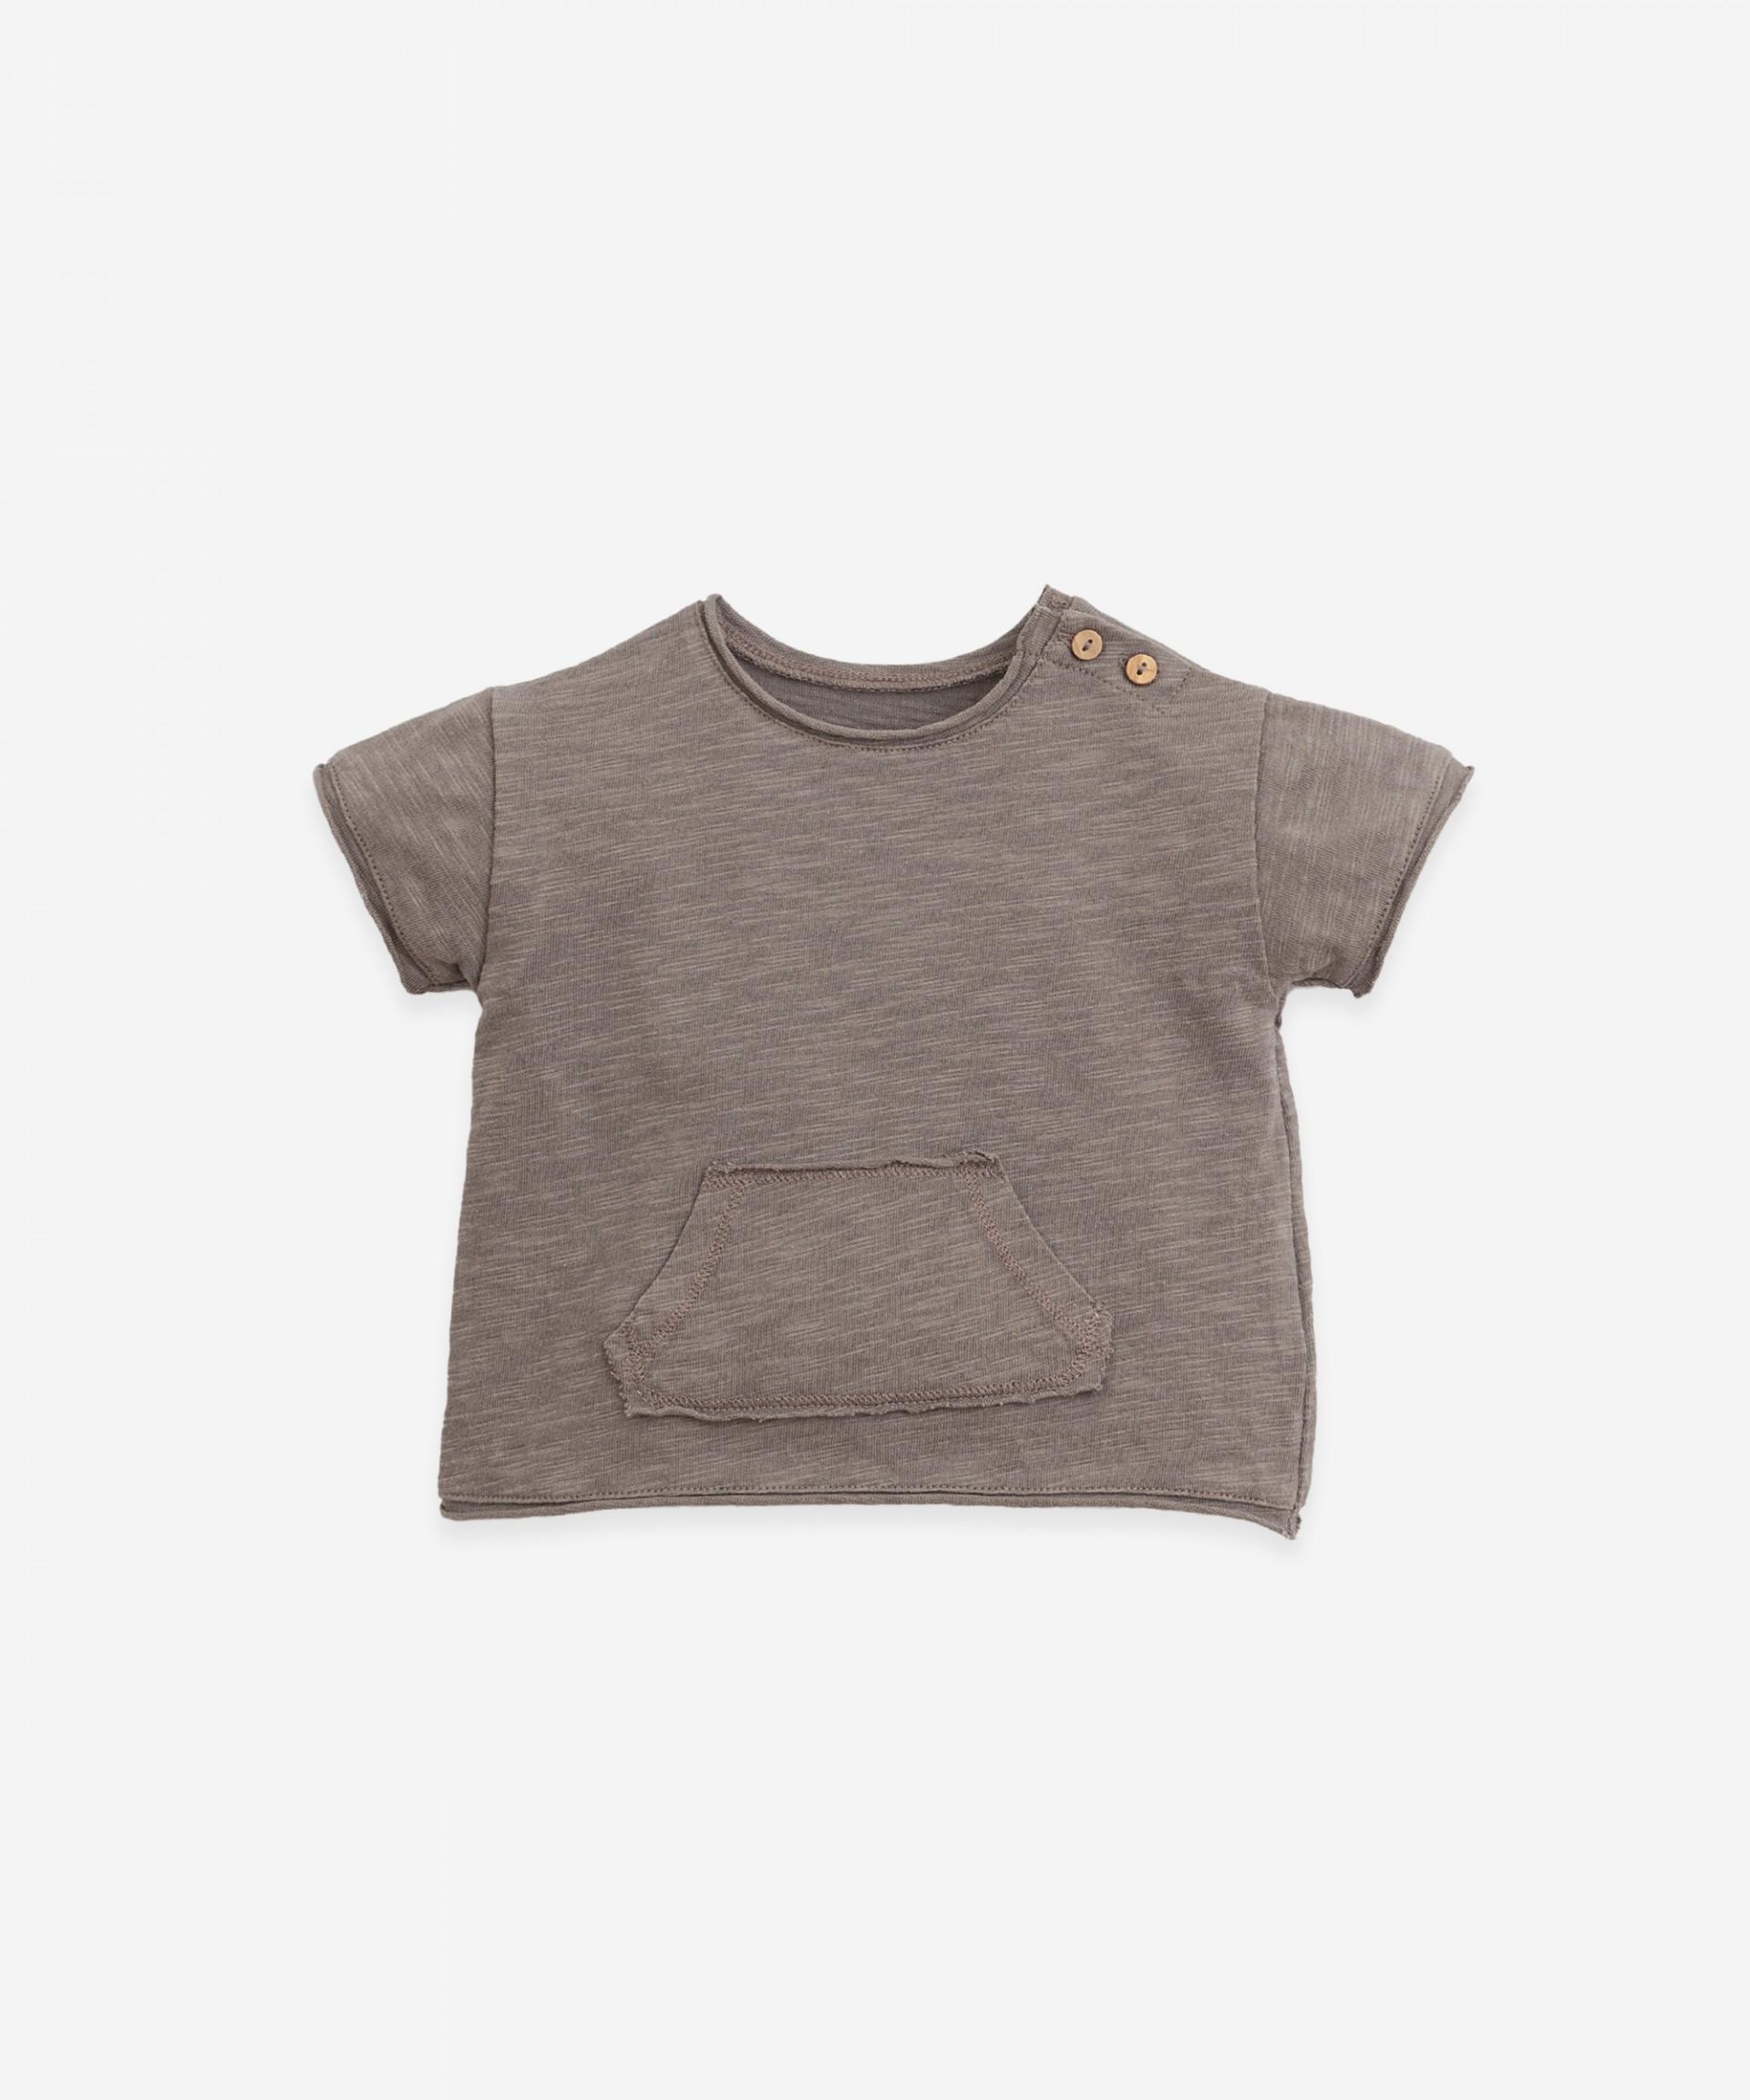 T-shirt em algodão orgânico com bolso | Botany